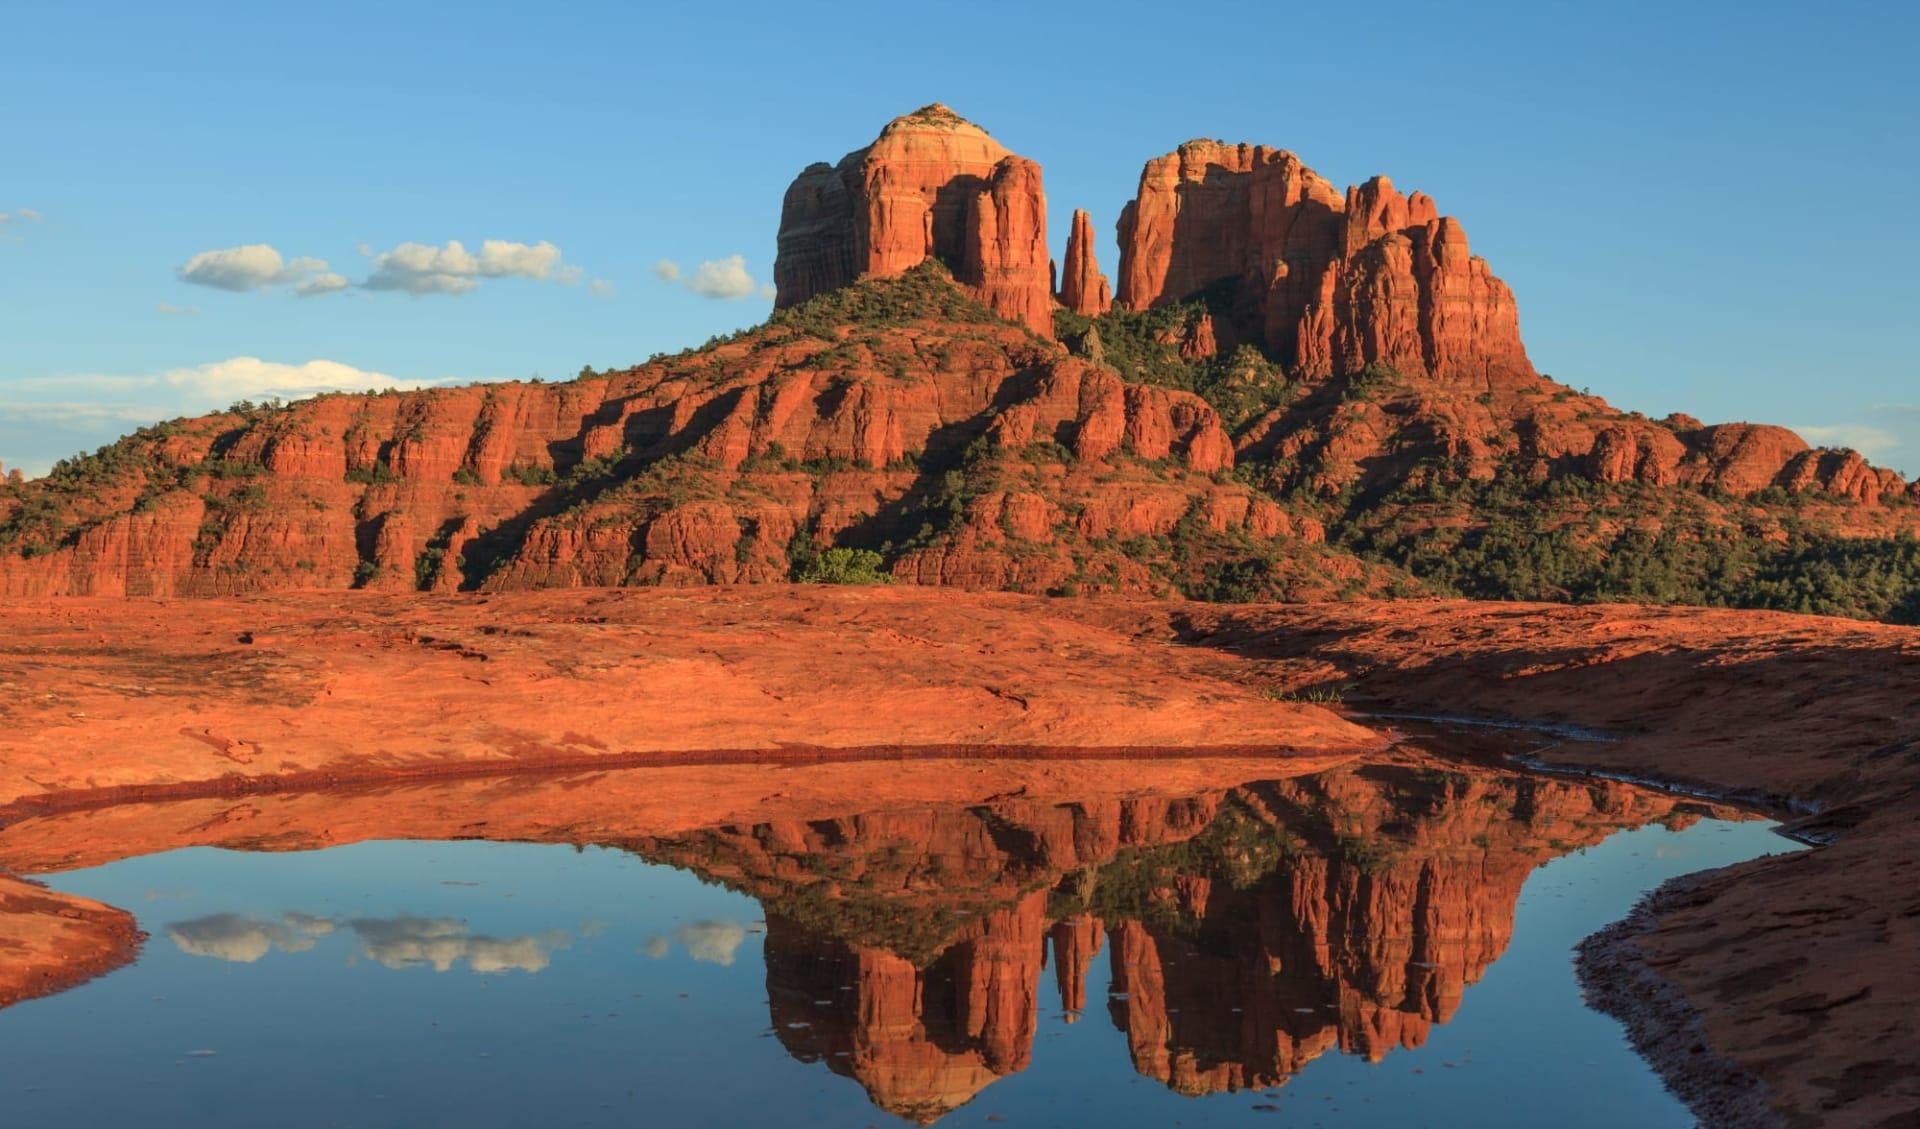 Spirit of the Southwest ab Phoenix: USA - Arizona - Cathedral Rock